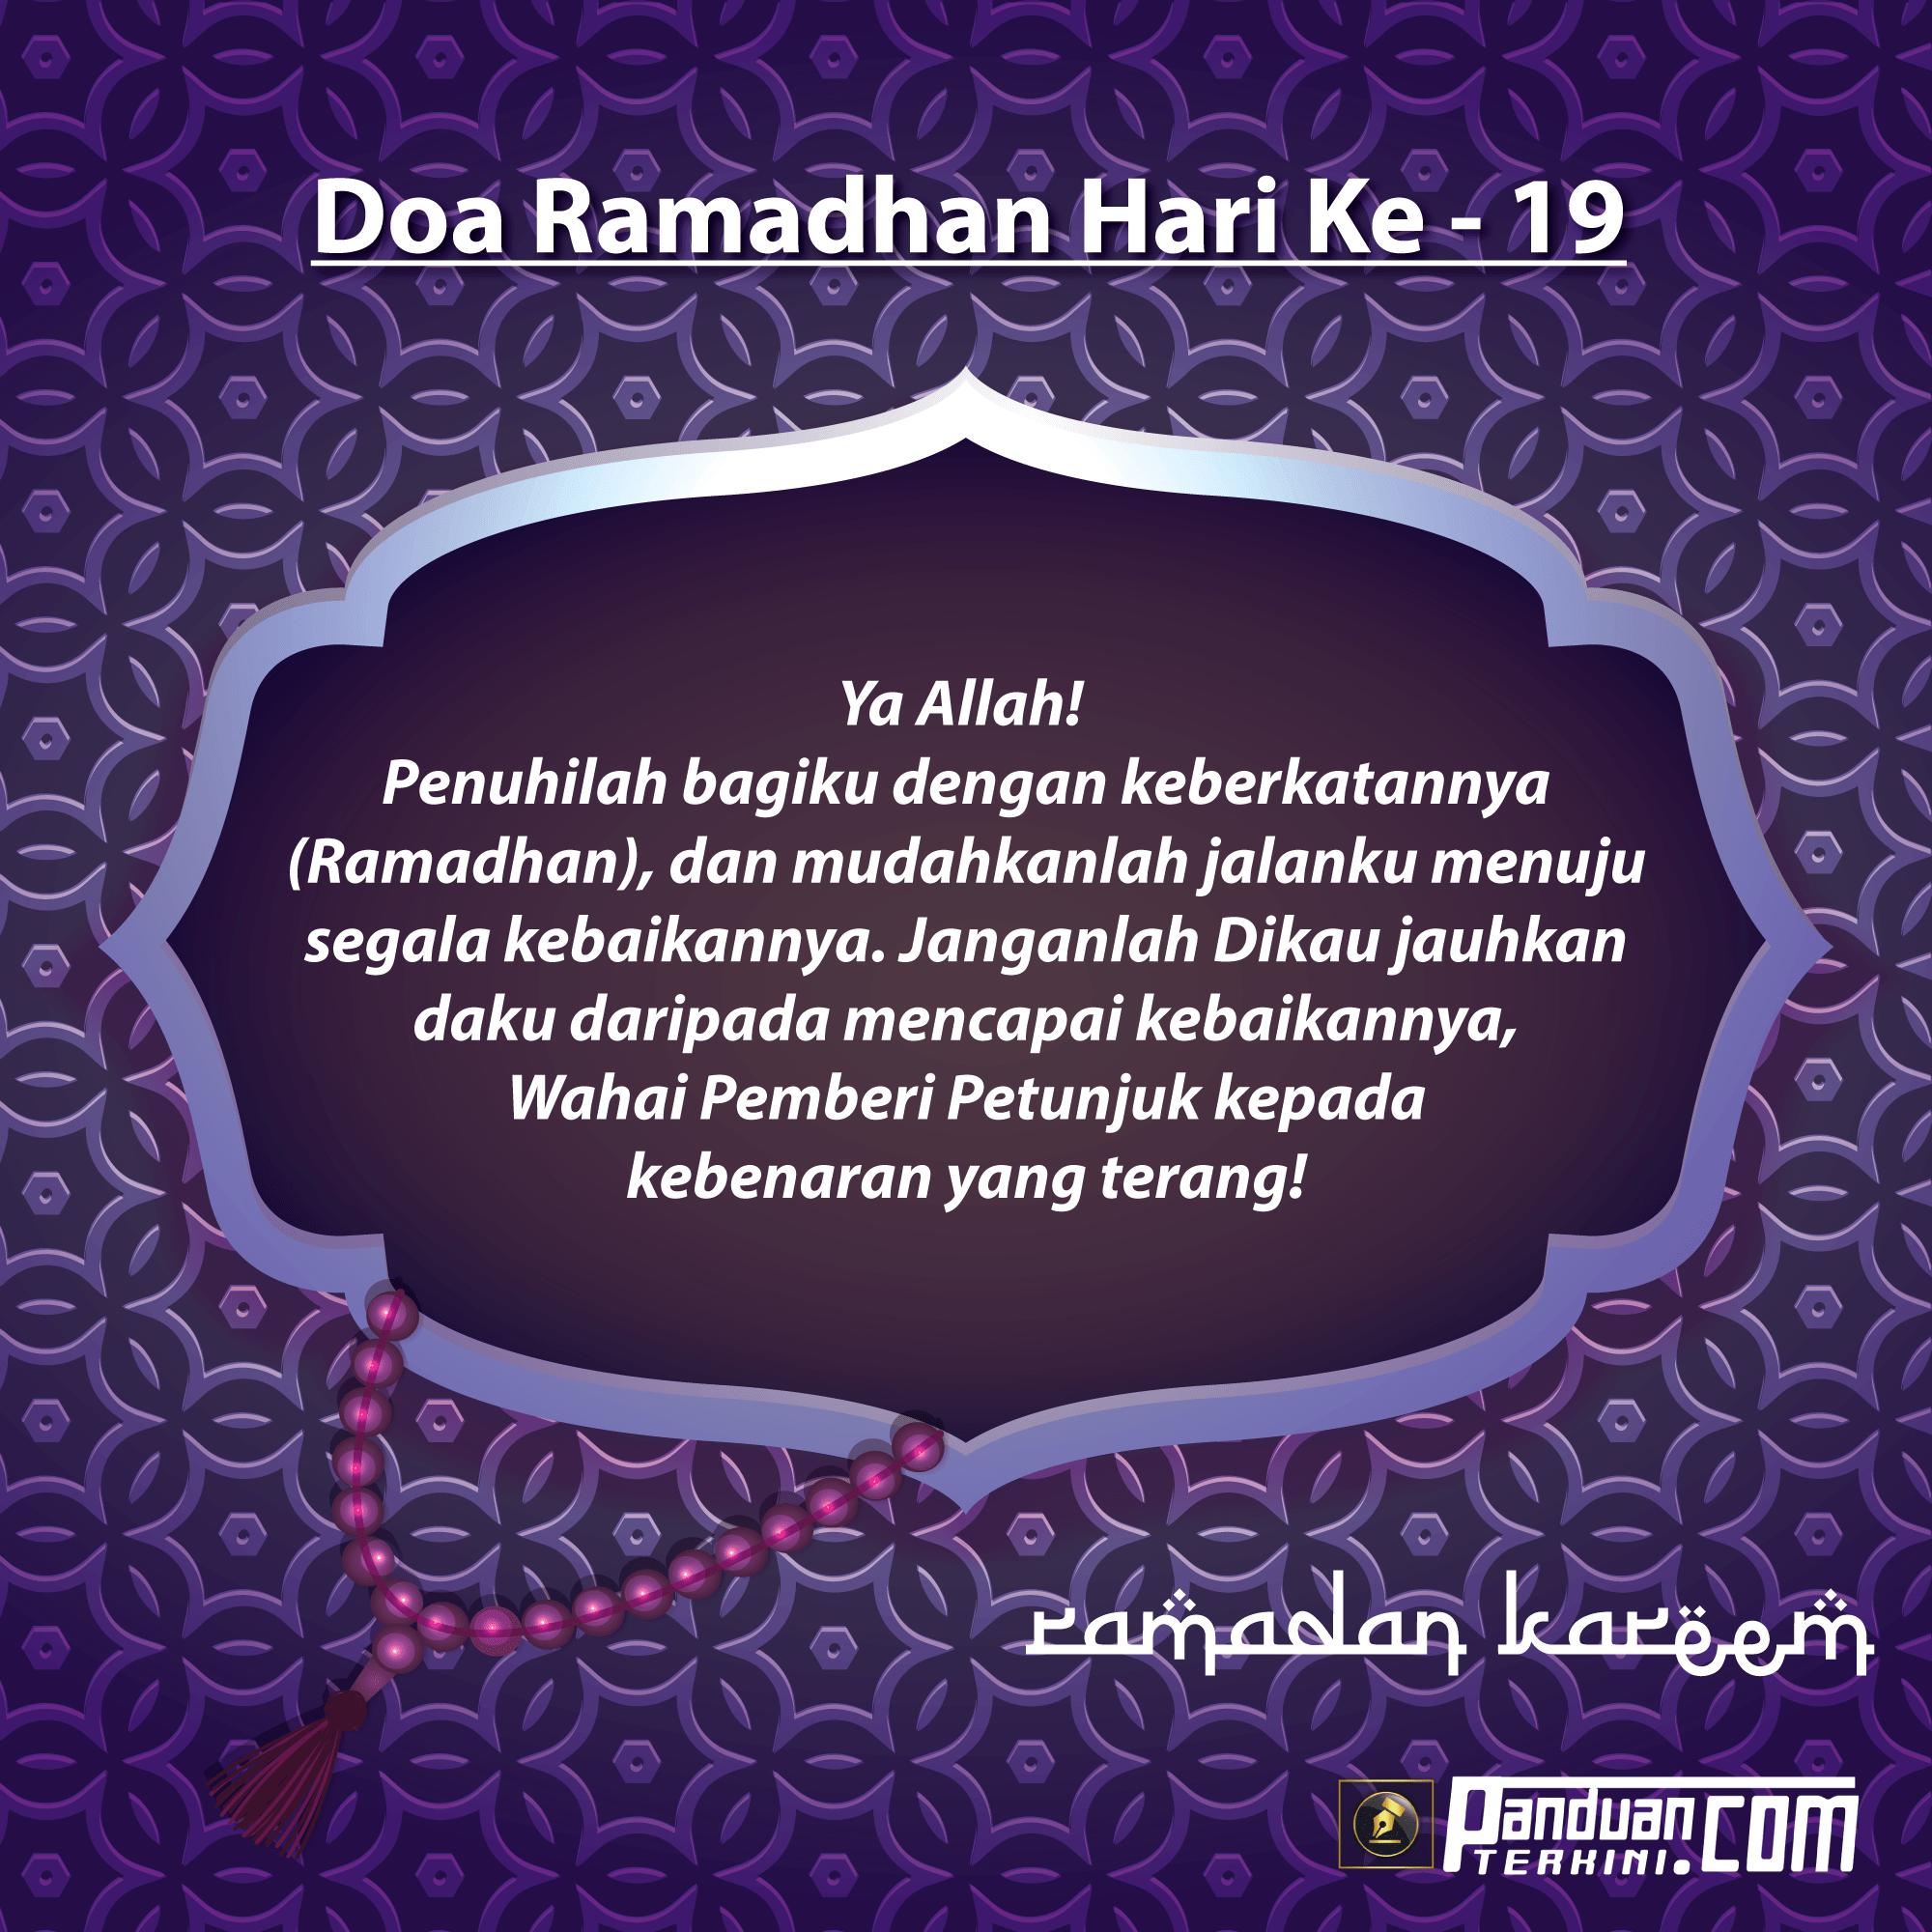 Doa Ramadhan Hari Ke-19